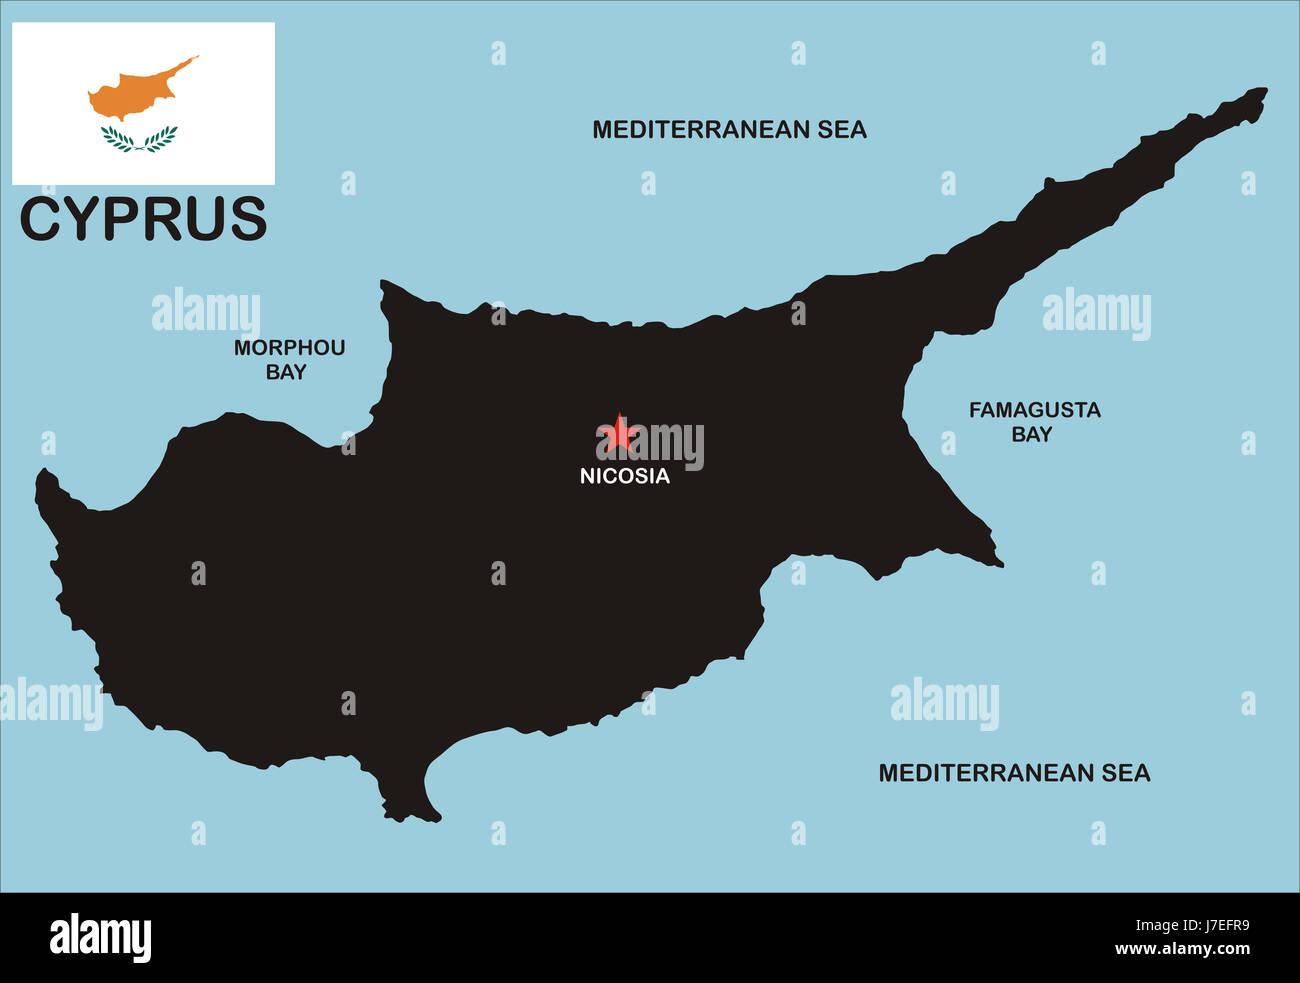 Chypre Atlas Des Cartes Carte Du Monde Illustration Politique Pays Drapeau Chypre Photo Stock Alamy